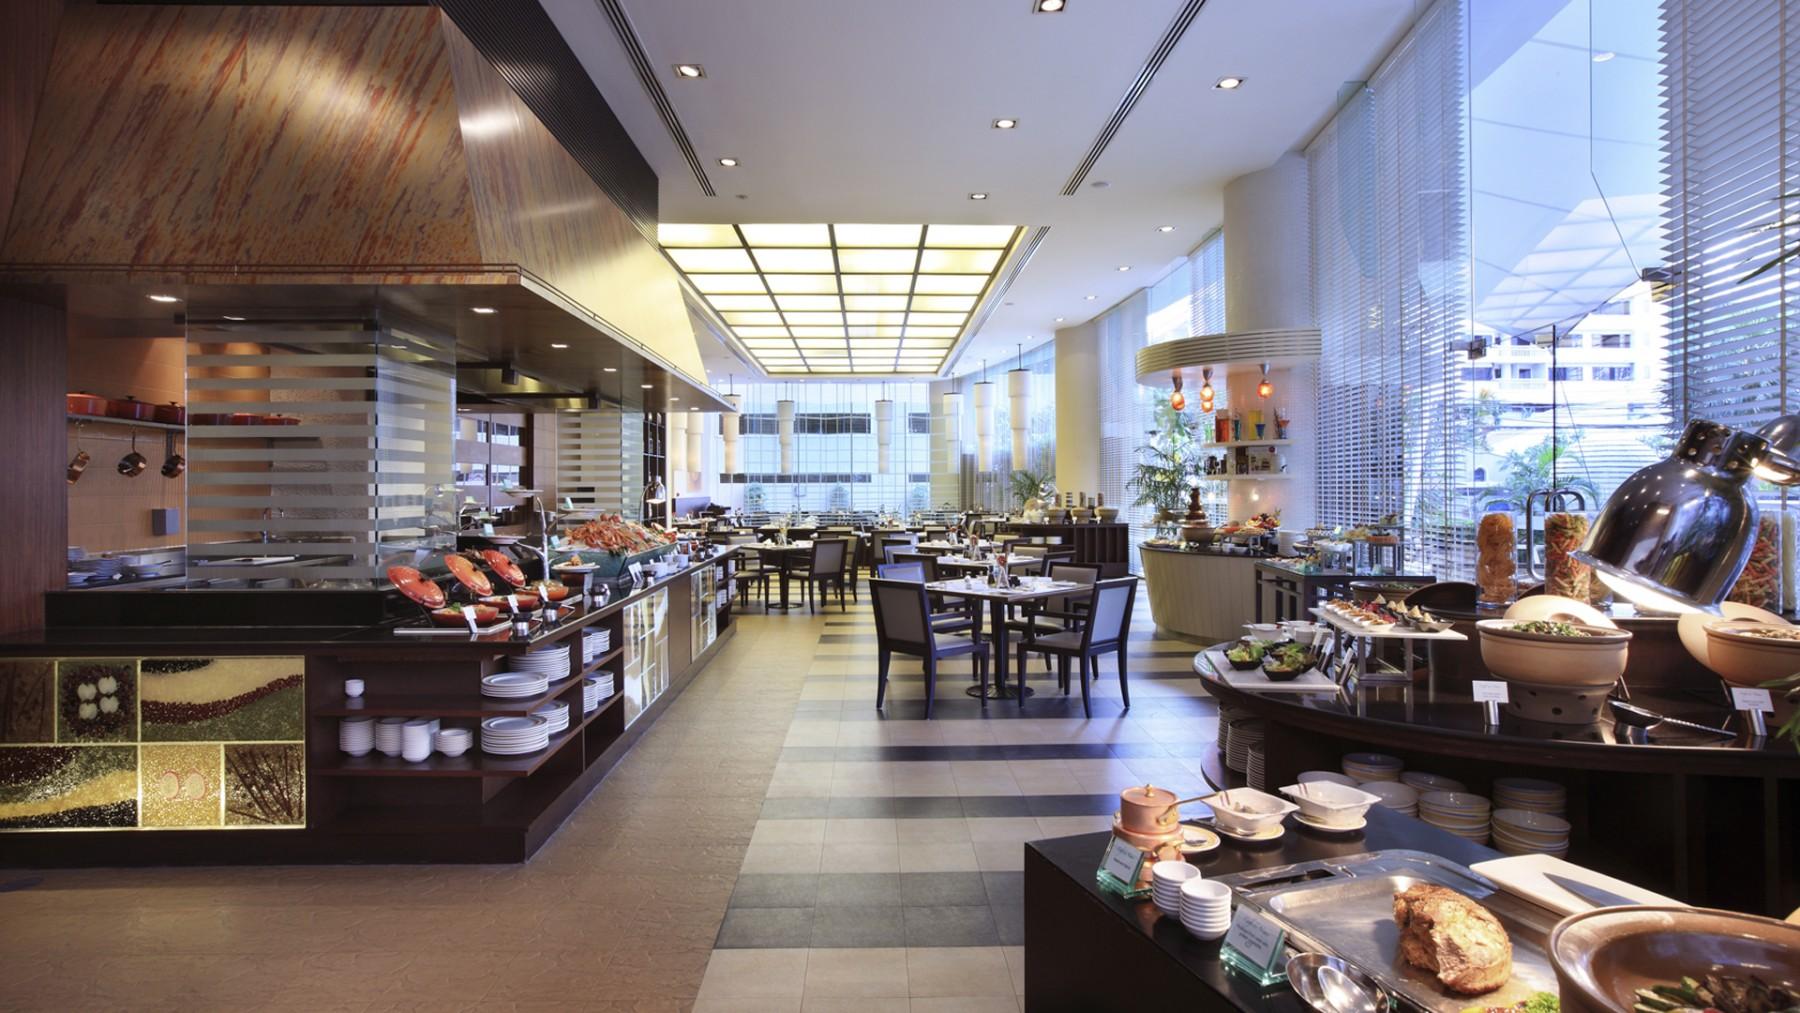 cafe-de-nimes-restaurant